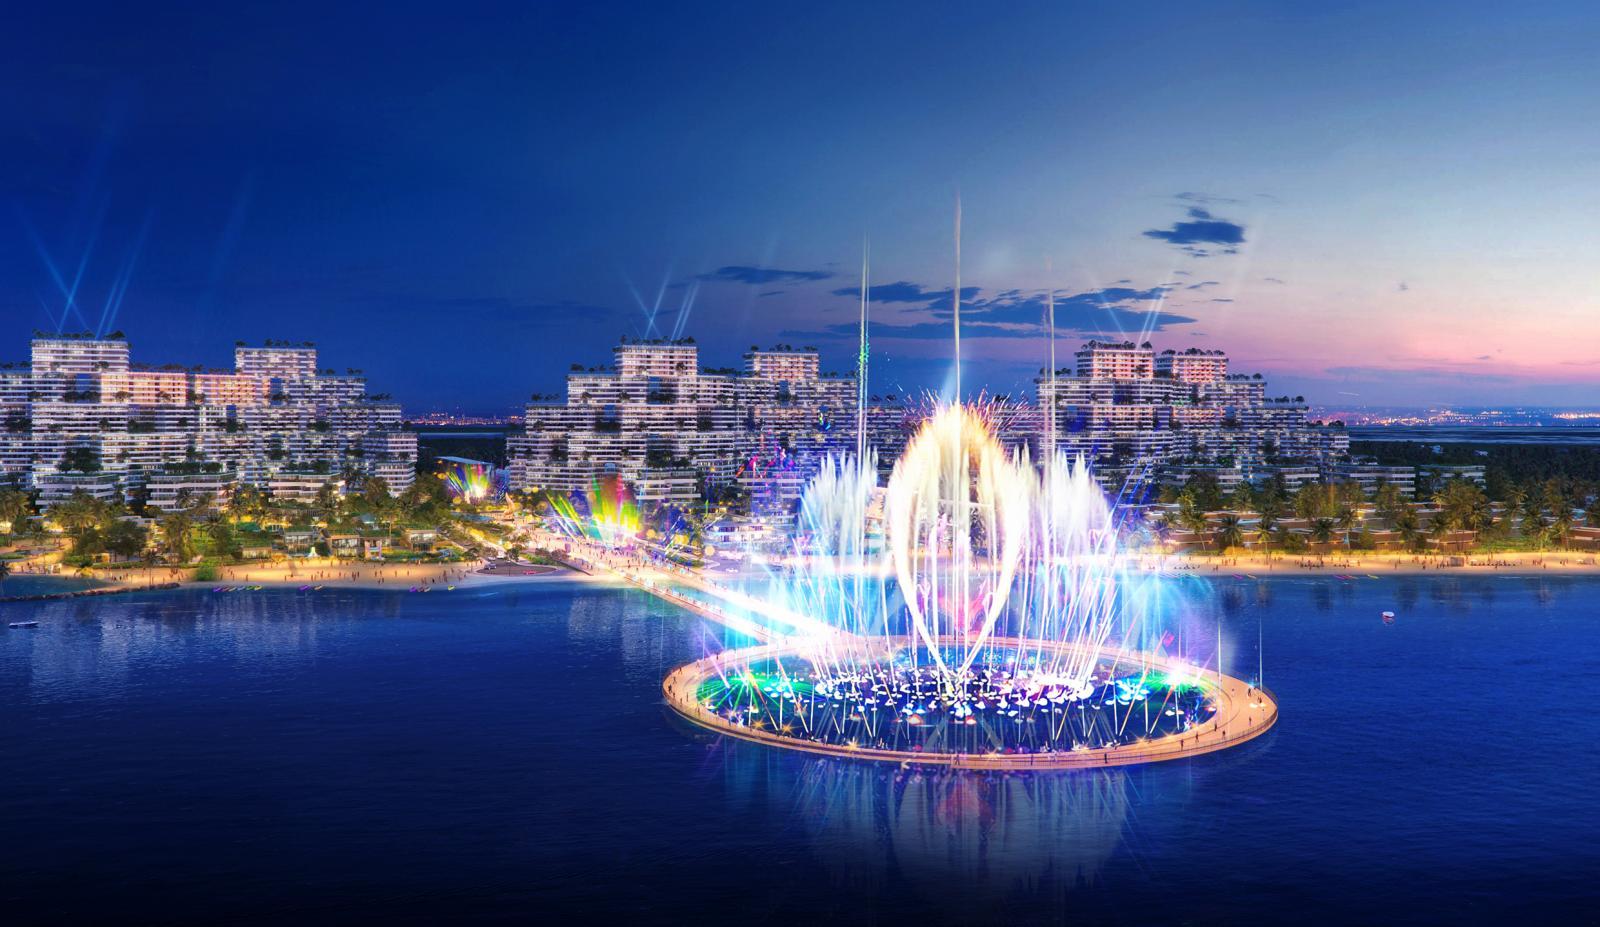 Một dự án nghỉ dưỡng ven biển với công trình nhạc nước lung linh sắc màu